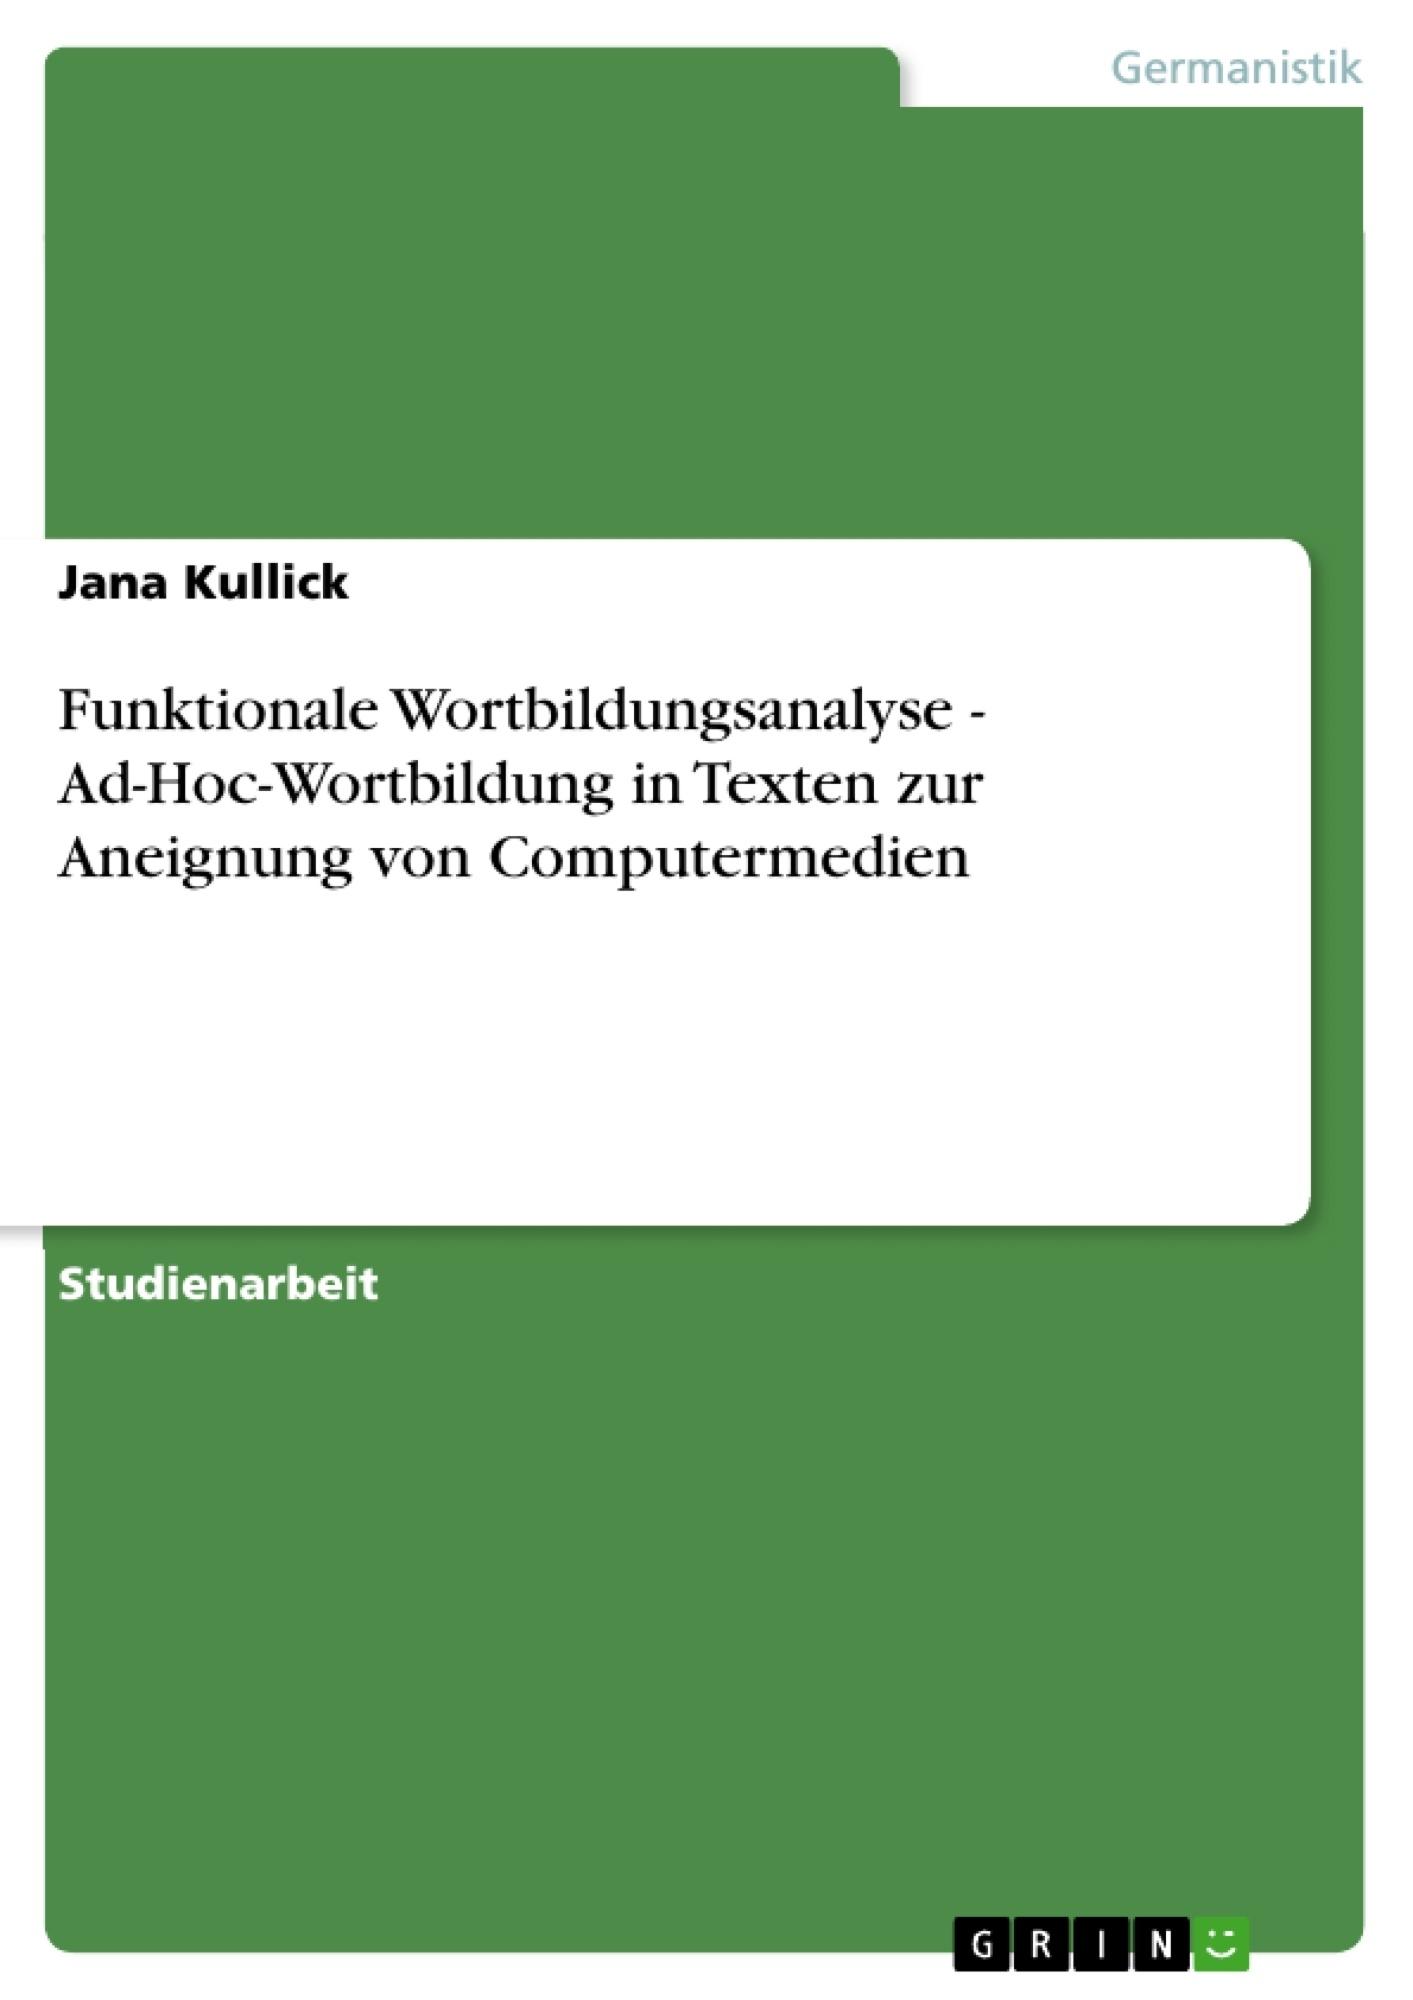 Titel: Funktionale Wortbildungsanalyse - Ad-Hoc-Wortbildung in Texten zur Aneignung von Computermedien